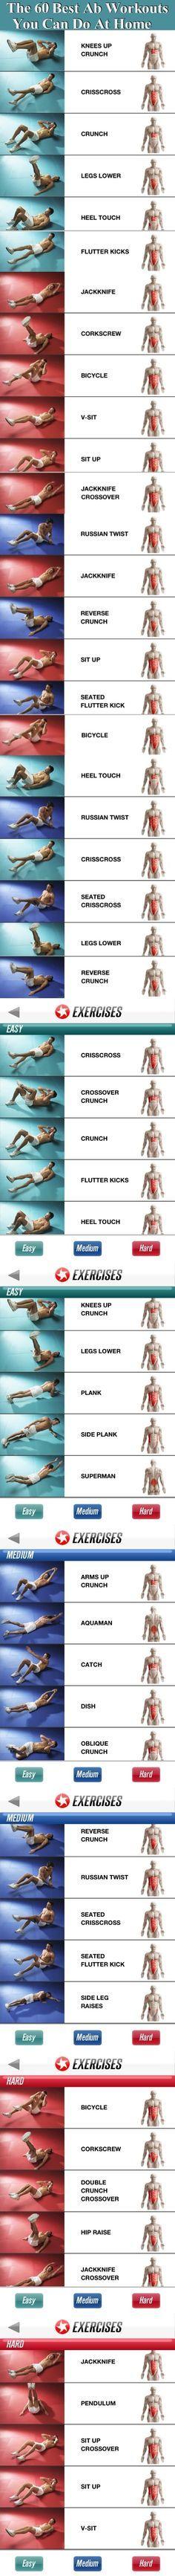 Mais resultados com estes exercicios #emagrecercomsaudeagora